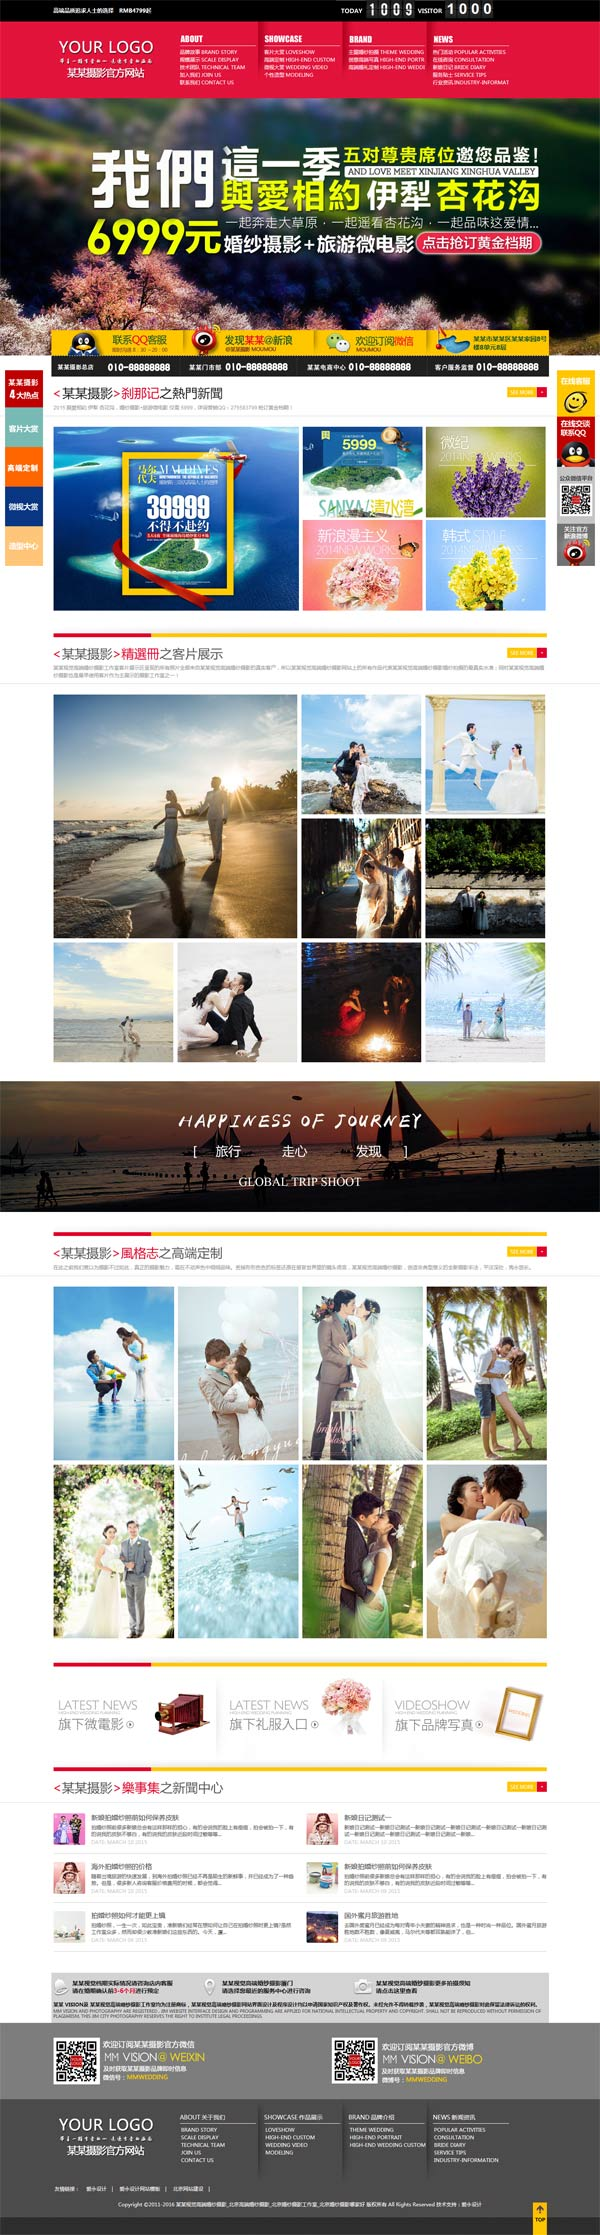 婚庆摄影网站模板029【含手机版】